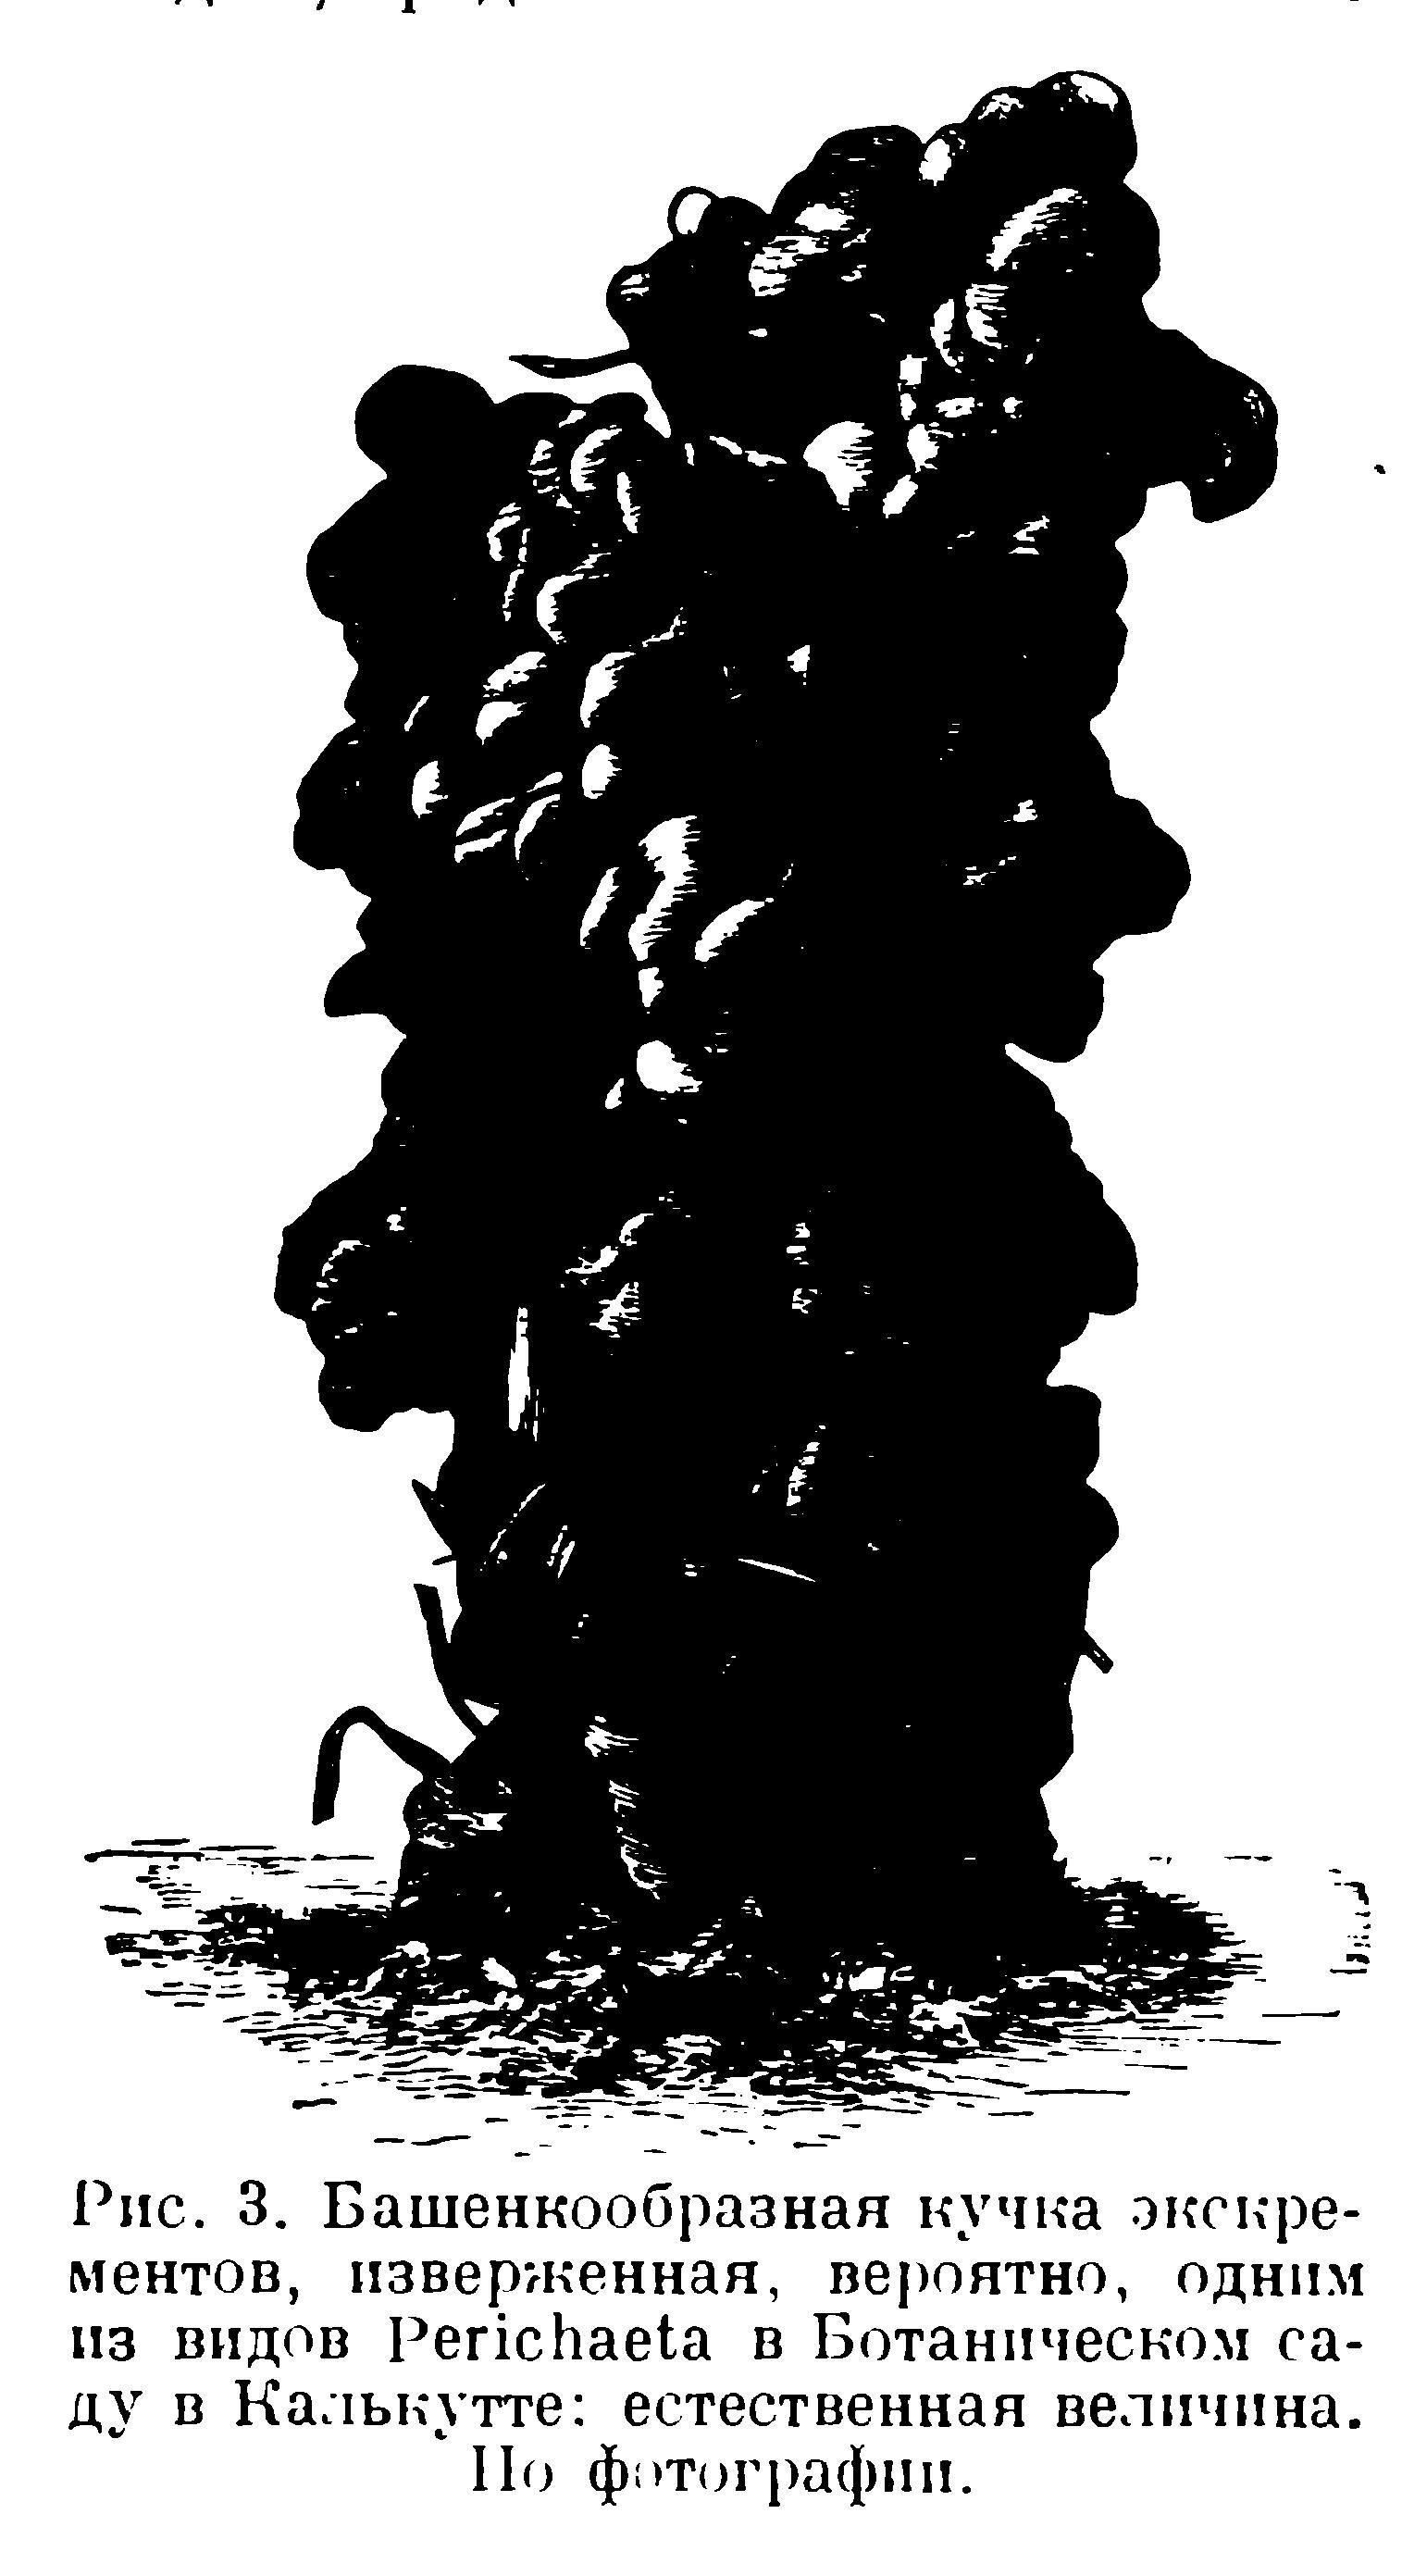 Дарвин Ч. Том 2. Зоологические работы. Дождевые черви. Геологические работы. (1936) Червь наклал